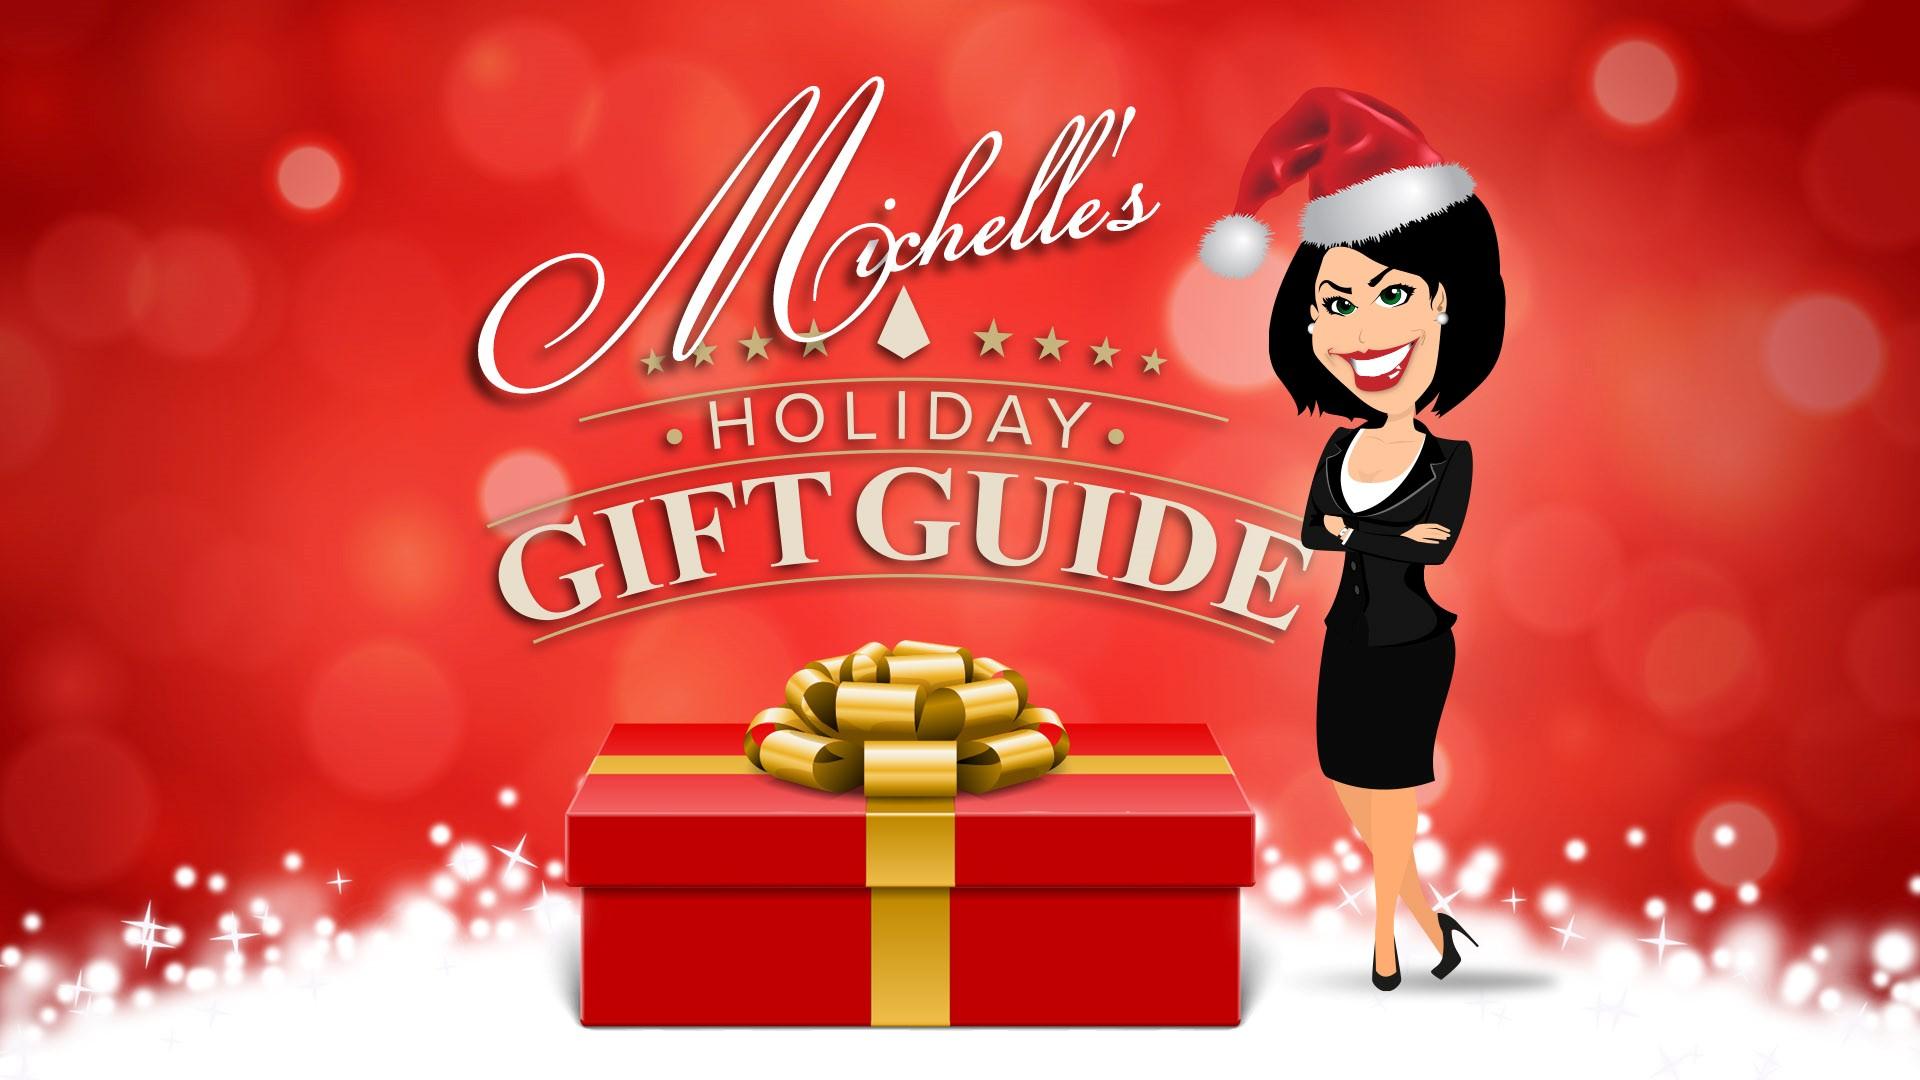 gift guide_1479861470639.jpg